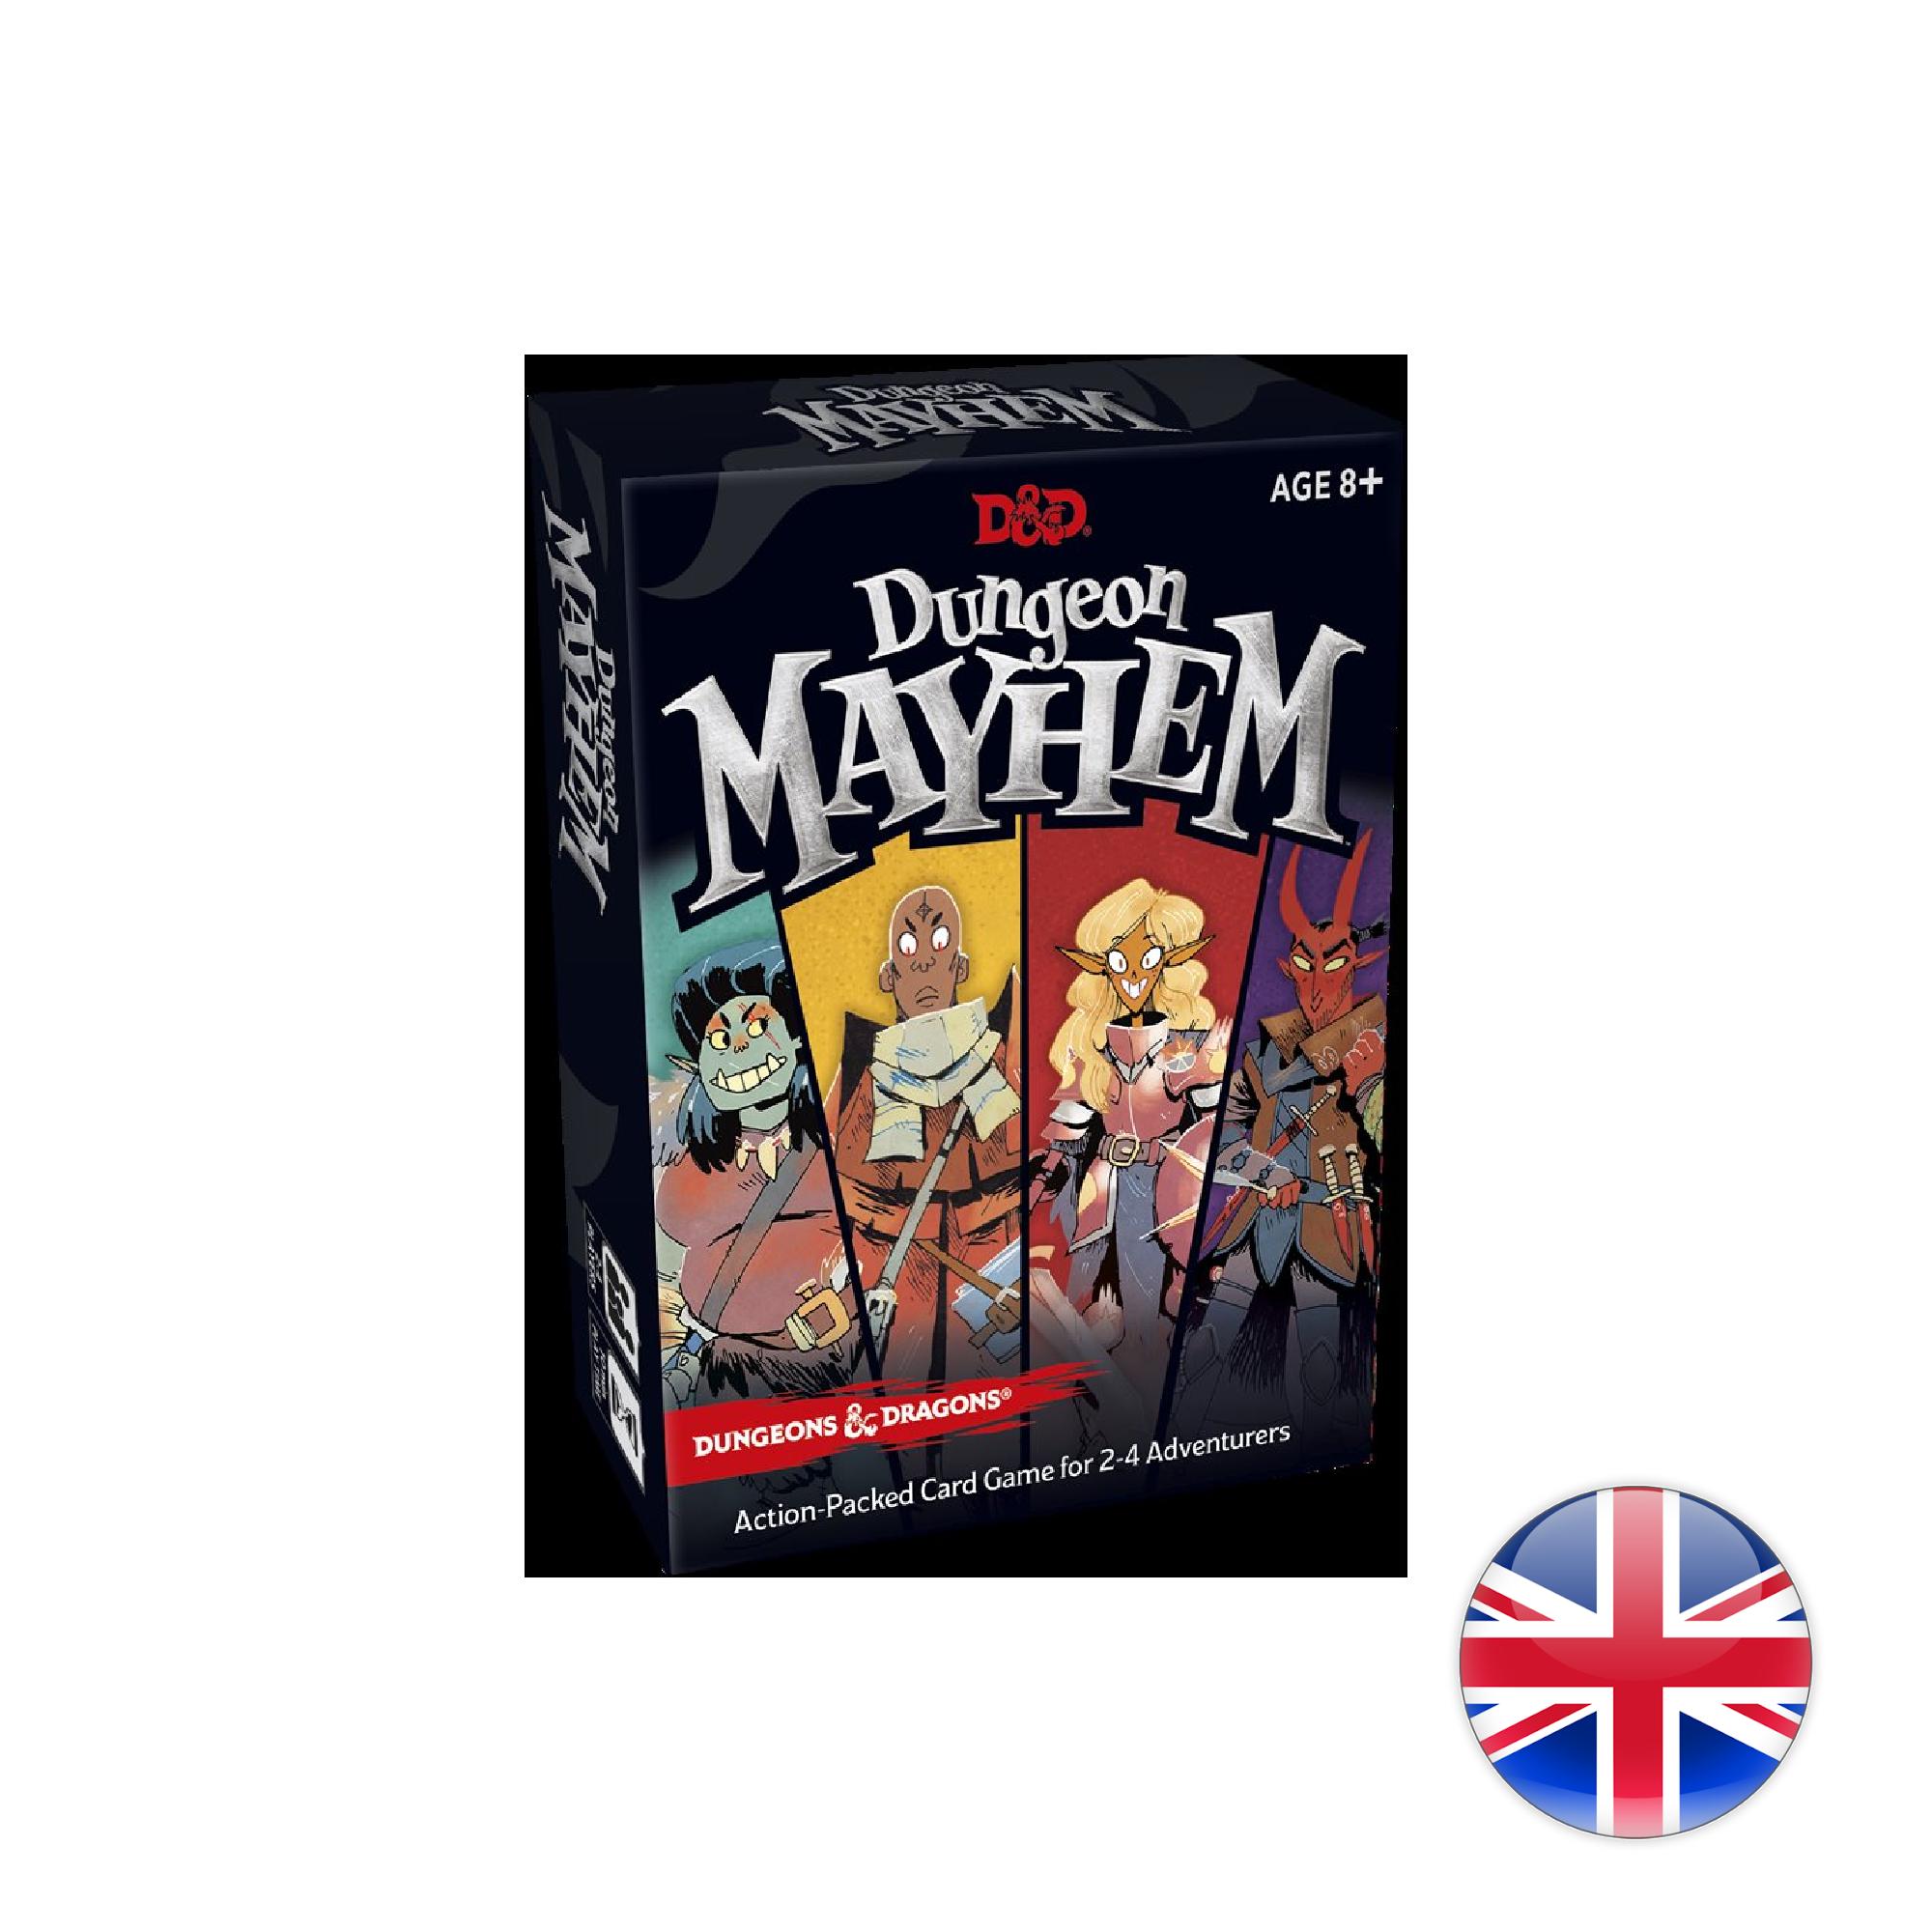 D&D Dungeons & Dragons: Dungeon Mayhem